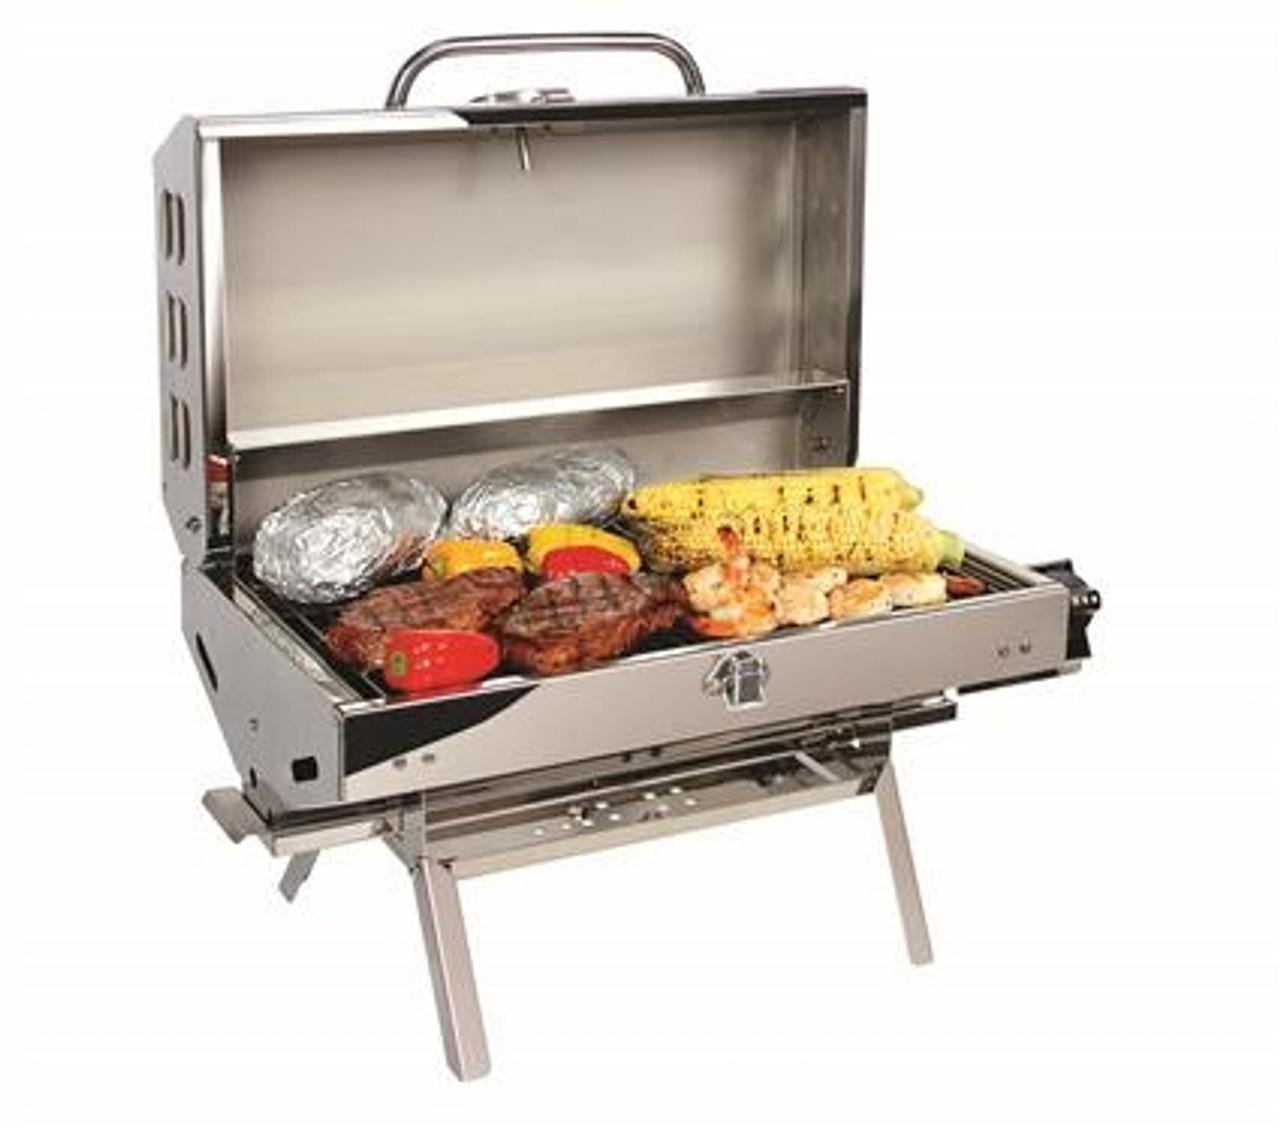 Grills & Outdoor Cooking